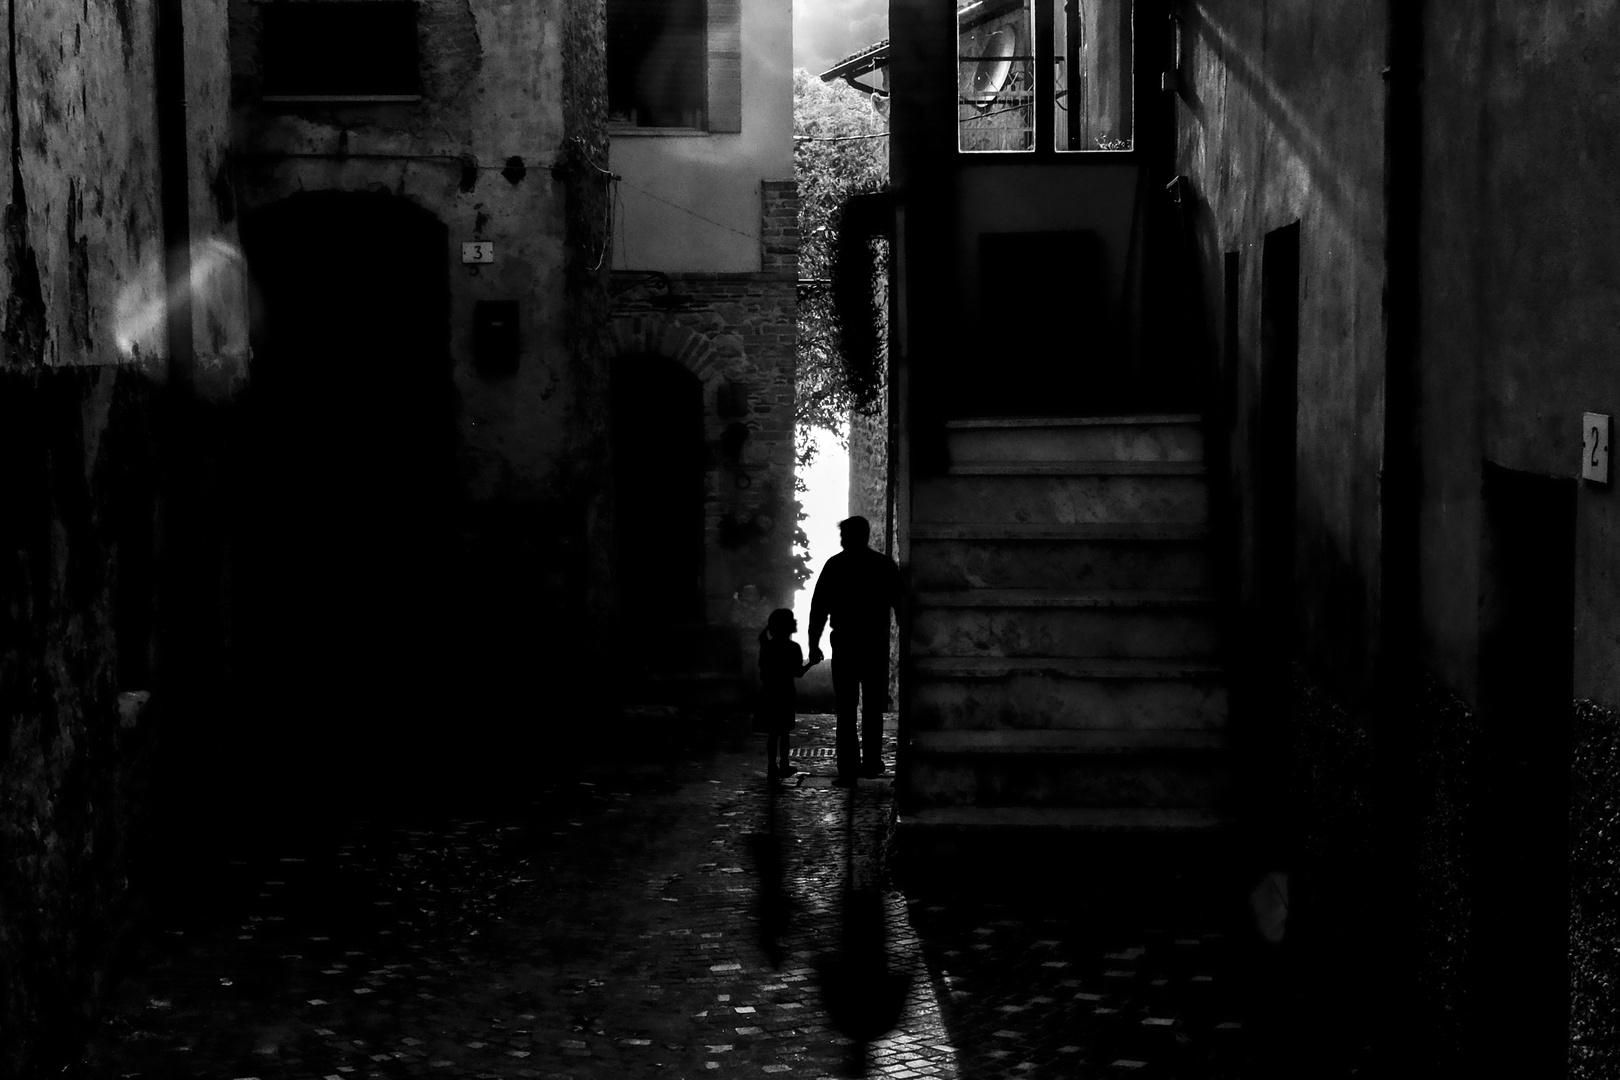 L'ombra di mio padre...